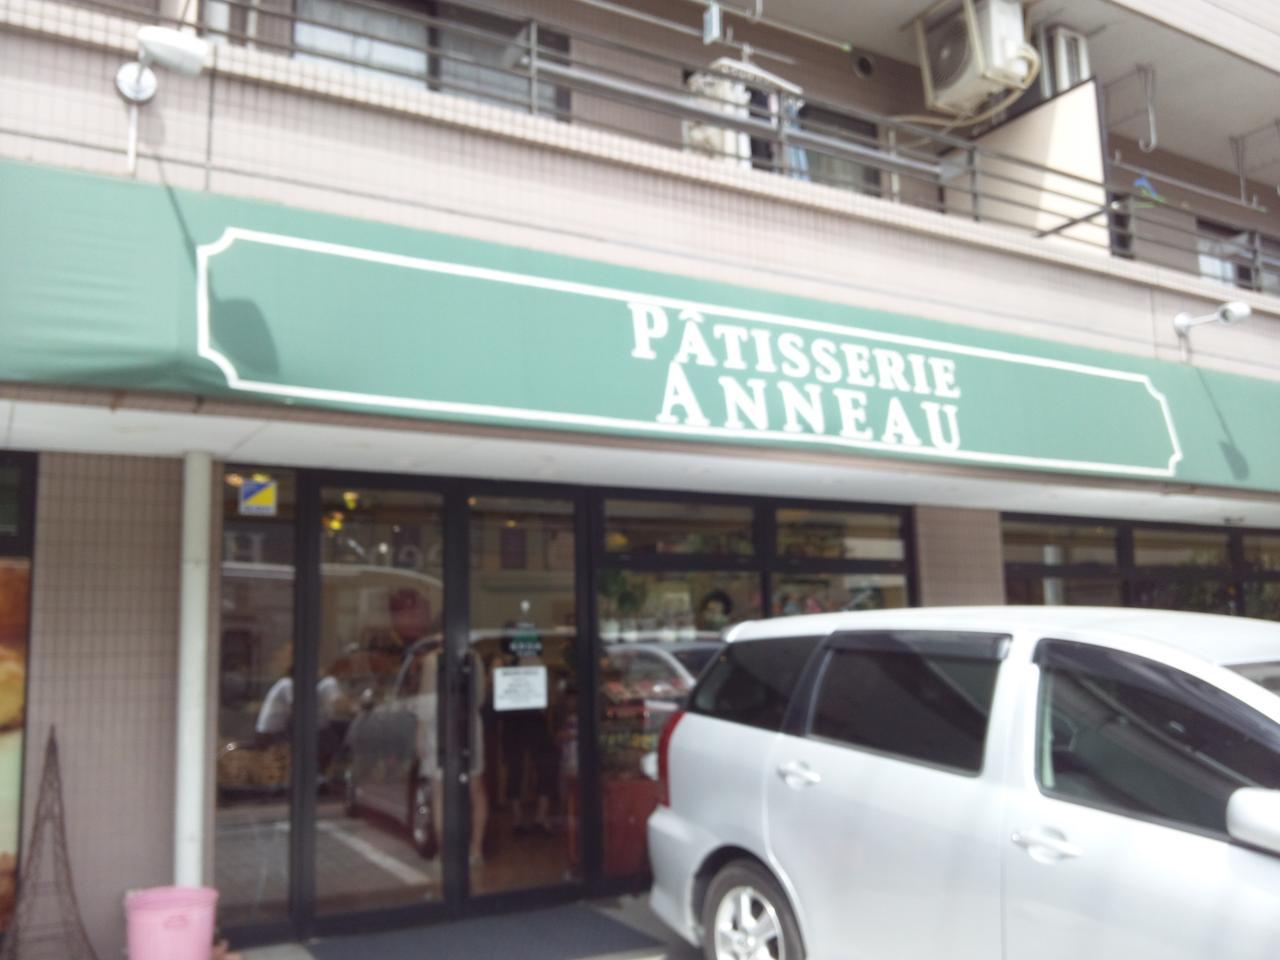 パティスリーアノー宿河原店(店舗外観)